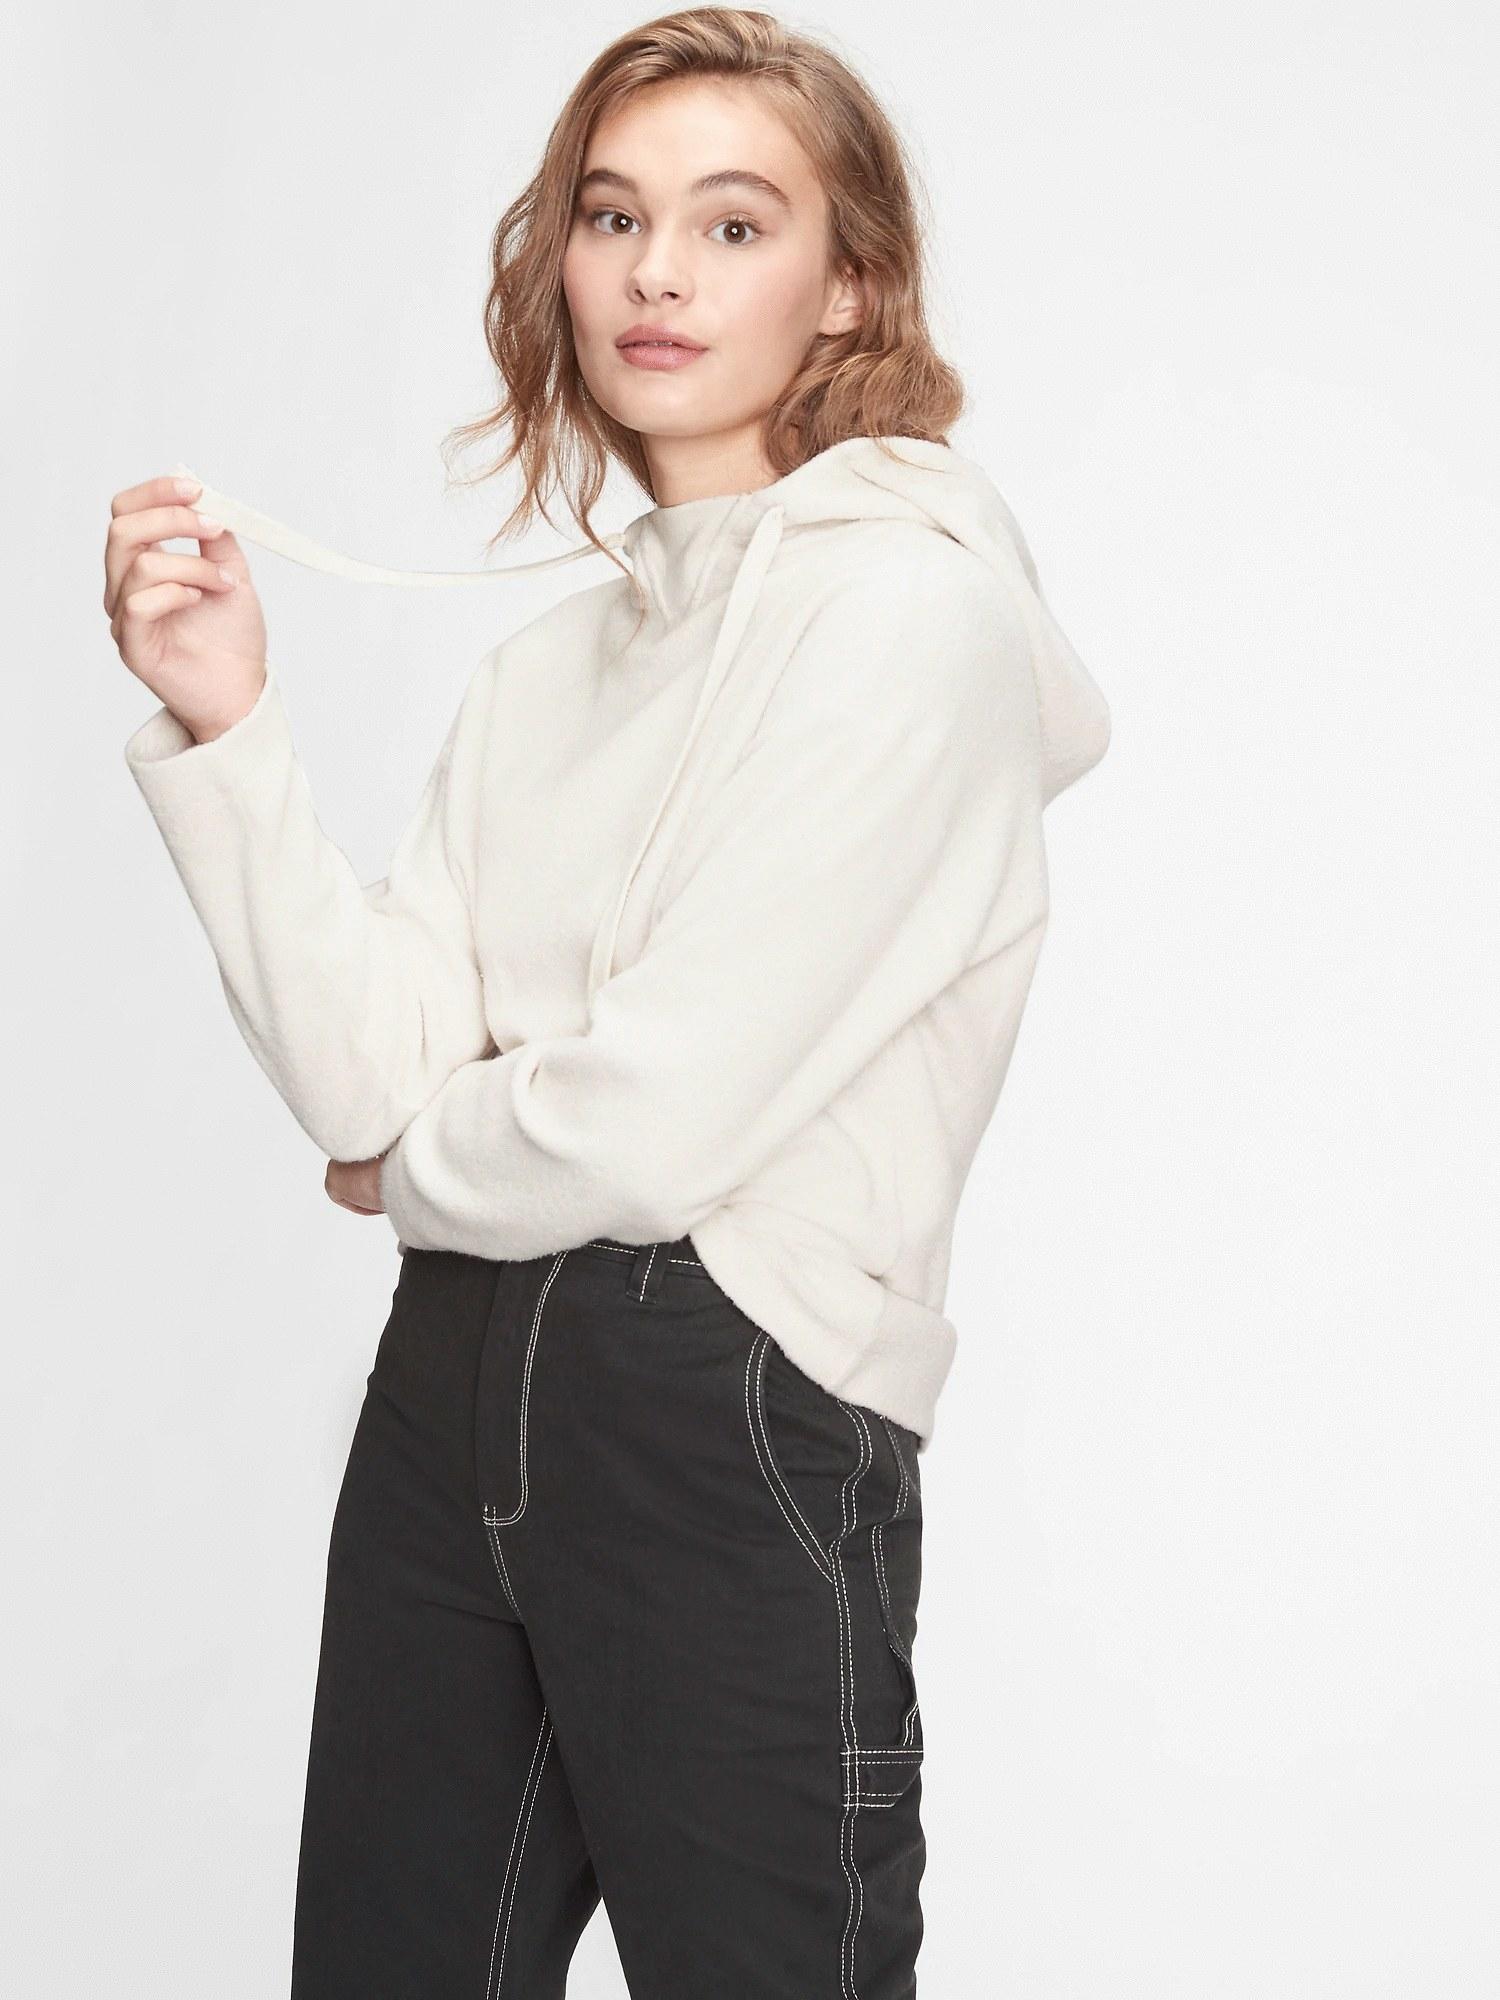 Model wearing cream hoodie